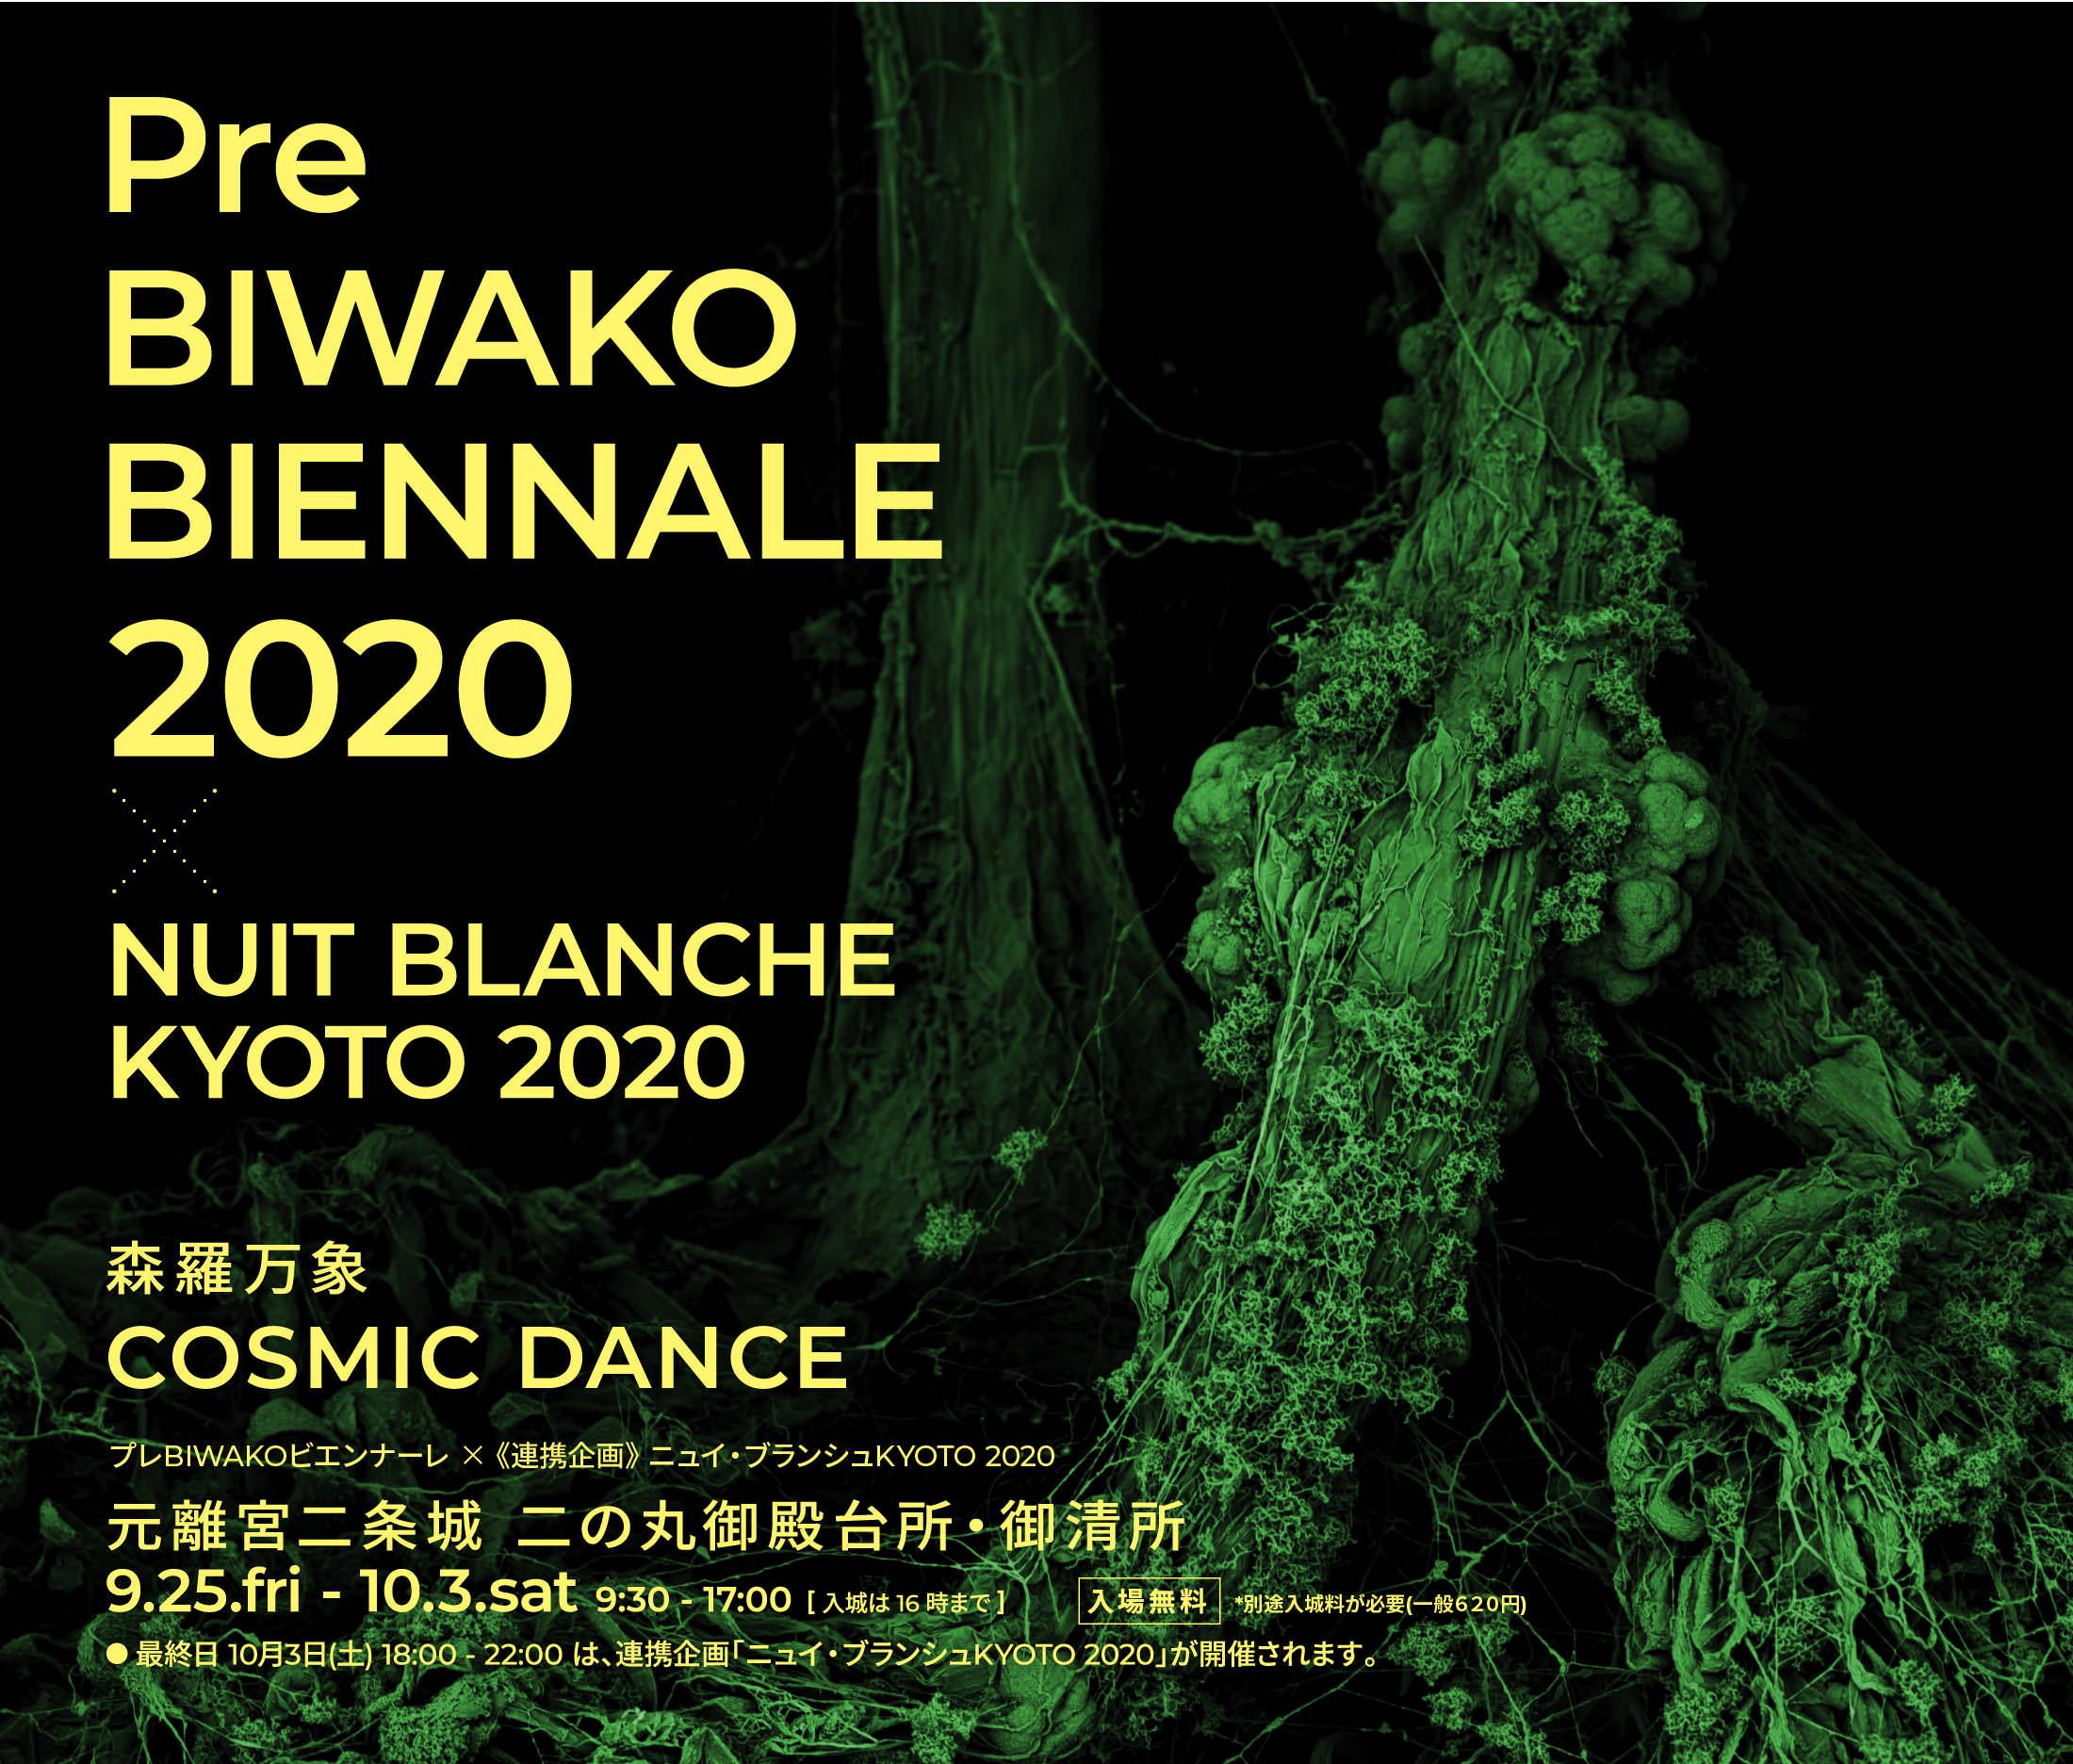 9月25日(金) 〜 10月3日(土)京都 二条城で《プレBIWAKOビエンナーレ2020 × ニュイ・ブランシュKYOTO 2020》開催します!